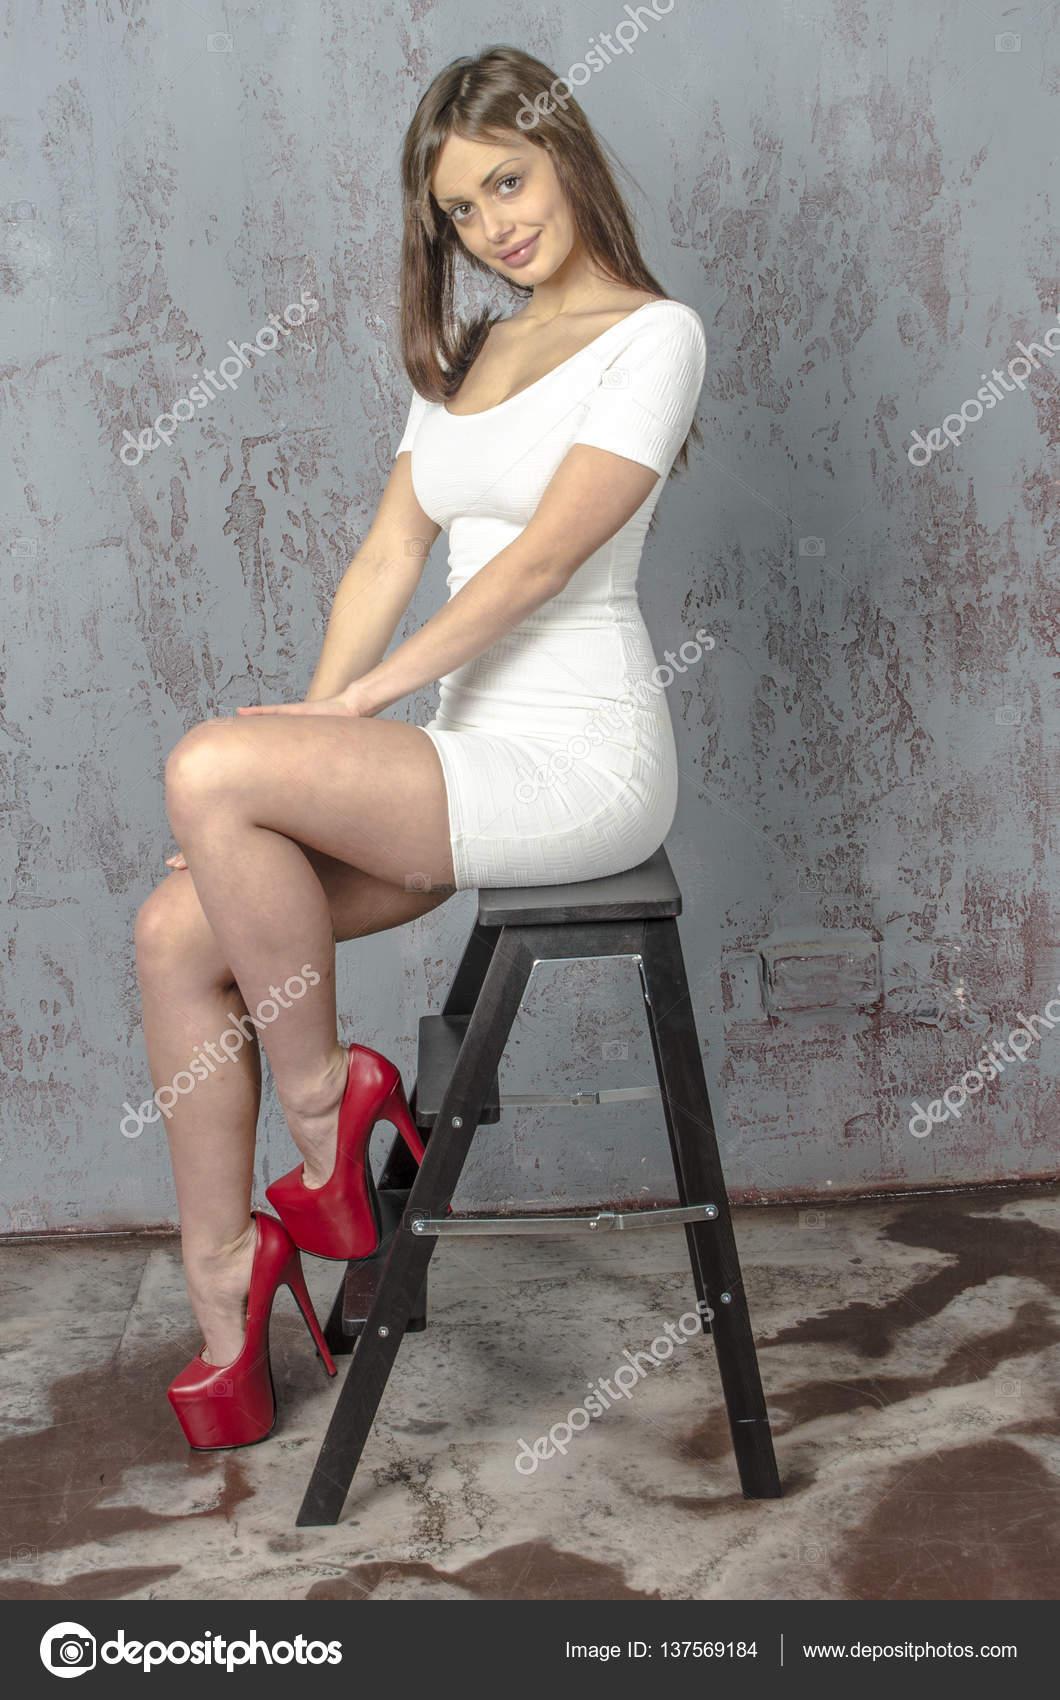 453df2fe0 Chica joven con una figura hermosa en un vestido blanco de moda en ...